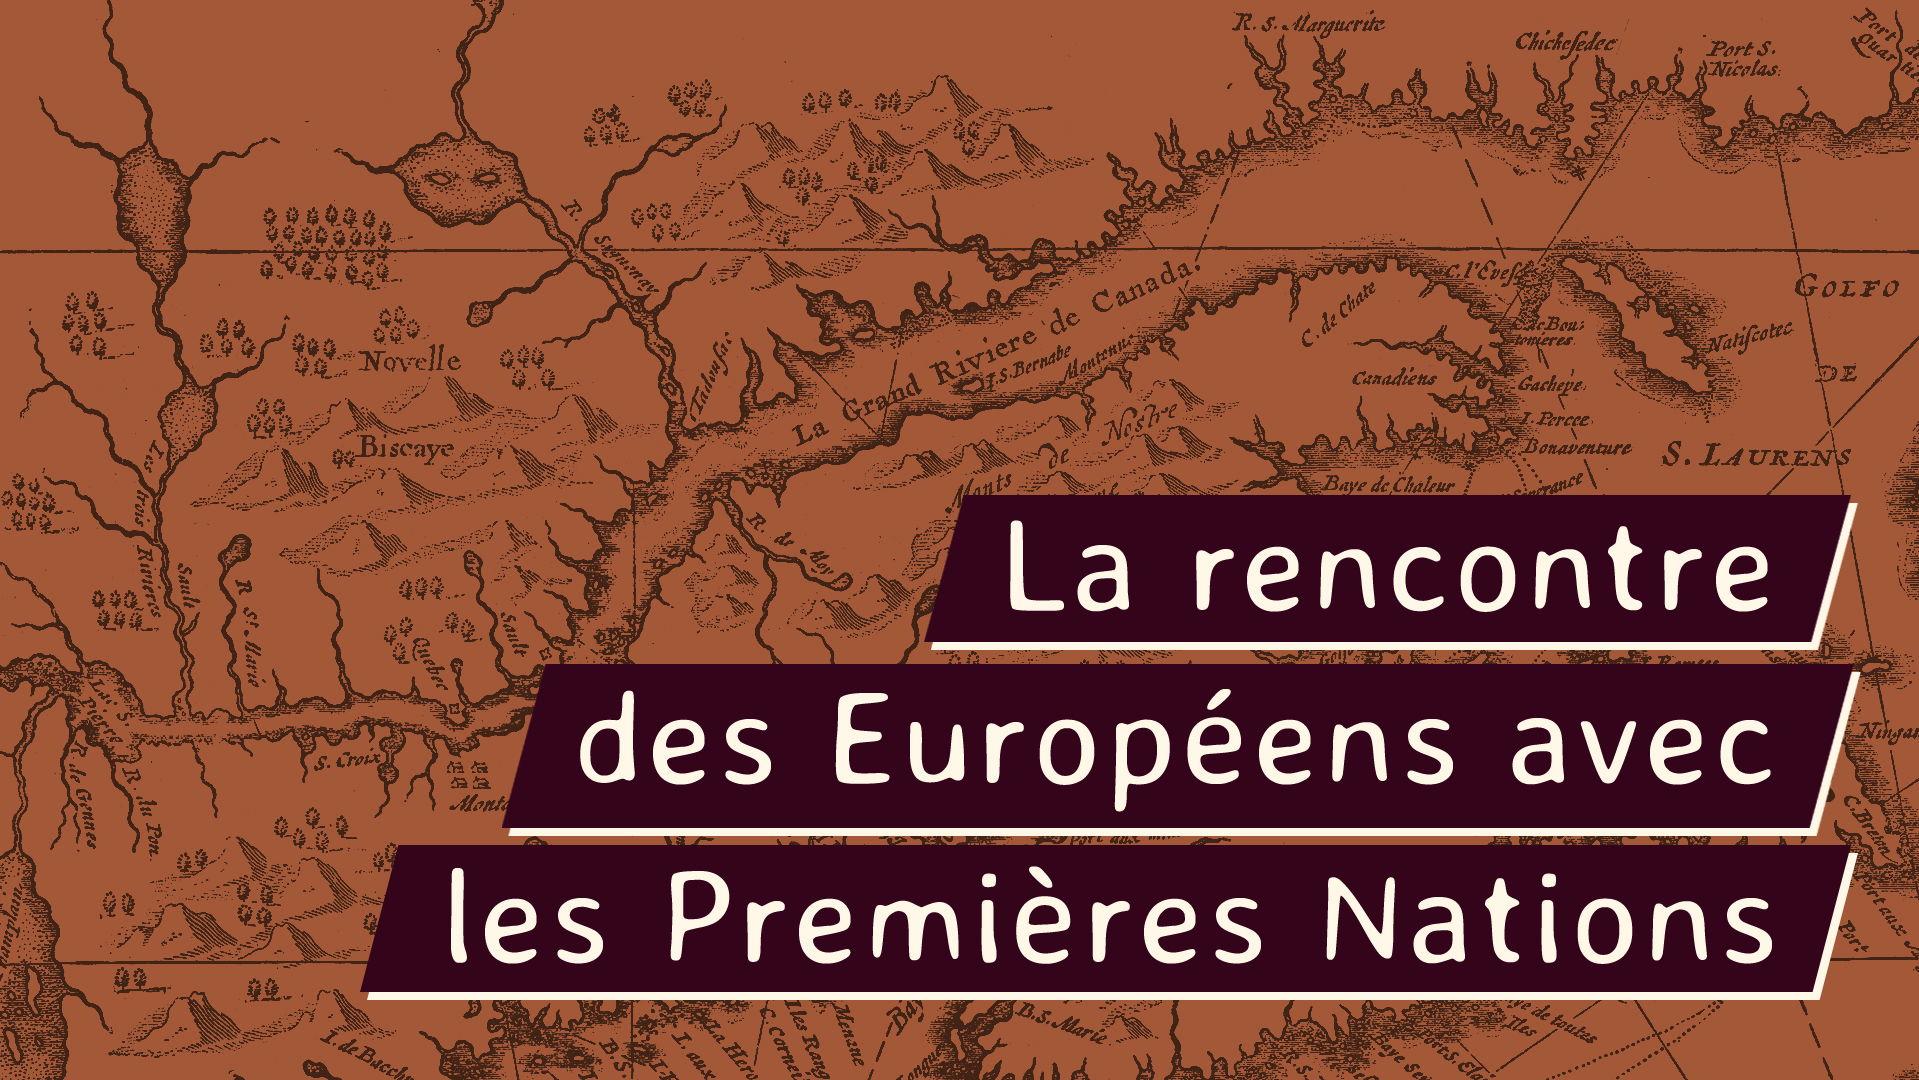 le texte «La rencontre des Européens avec les Premières Nations» avec comme fond une carte antique